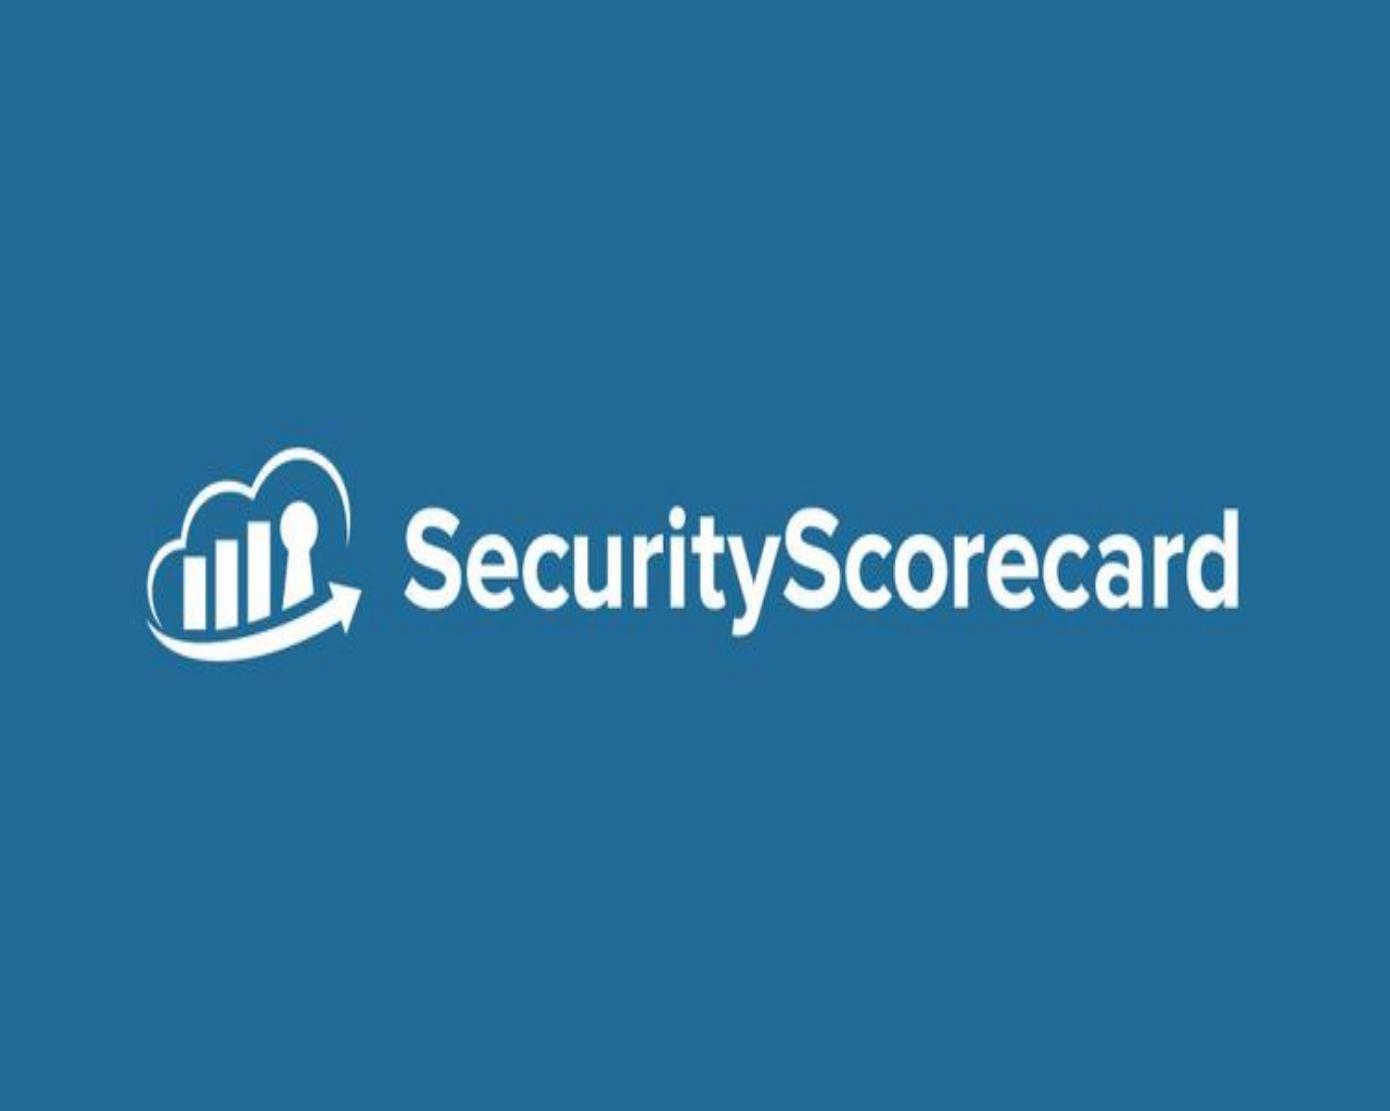 SECURITYSCORECARD - VENTURE BEAT - SecurityScorecard raises $27.5 million from GV, Sequoia, others